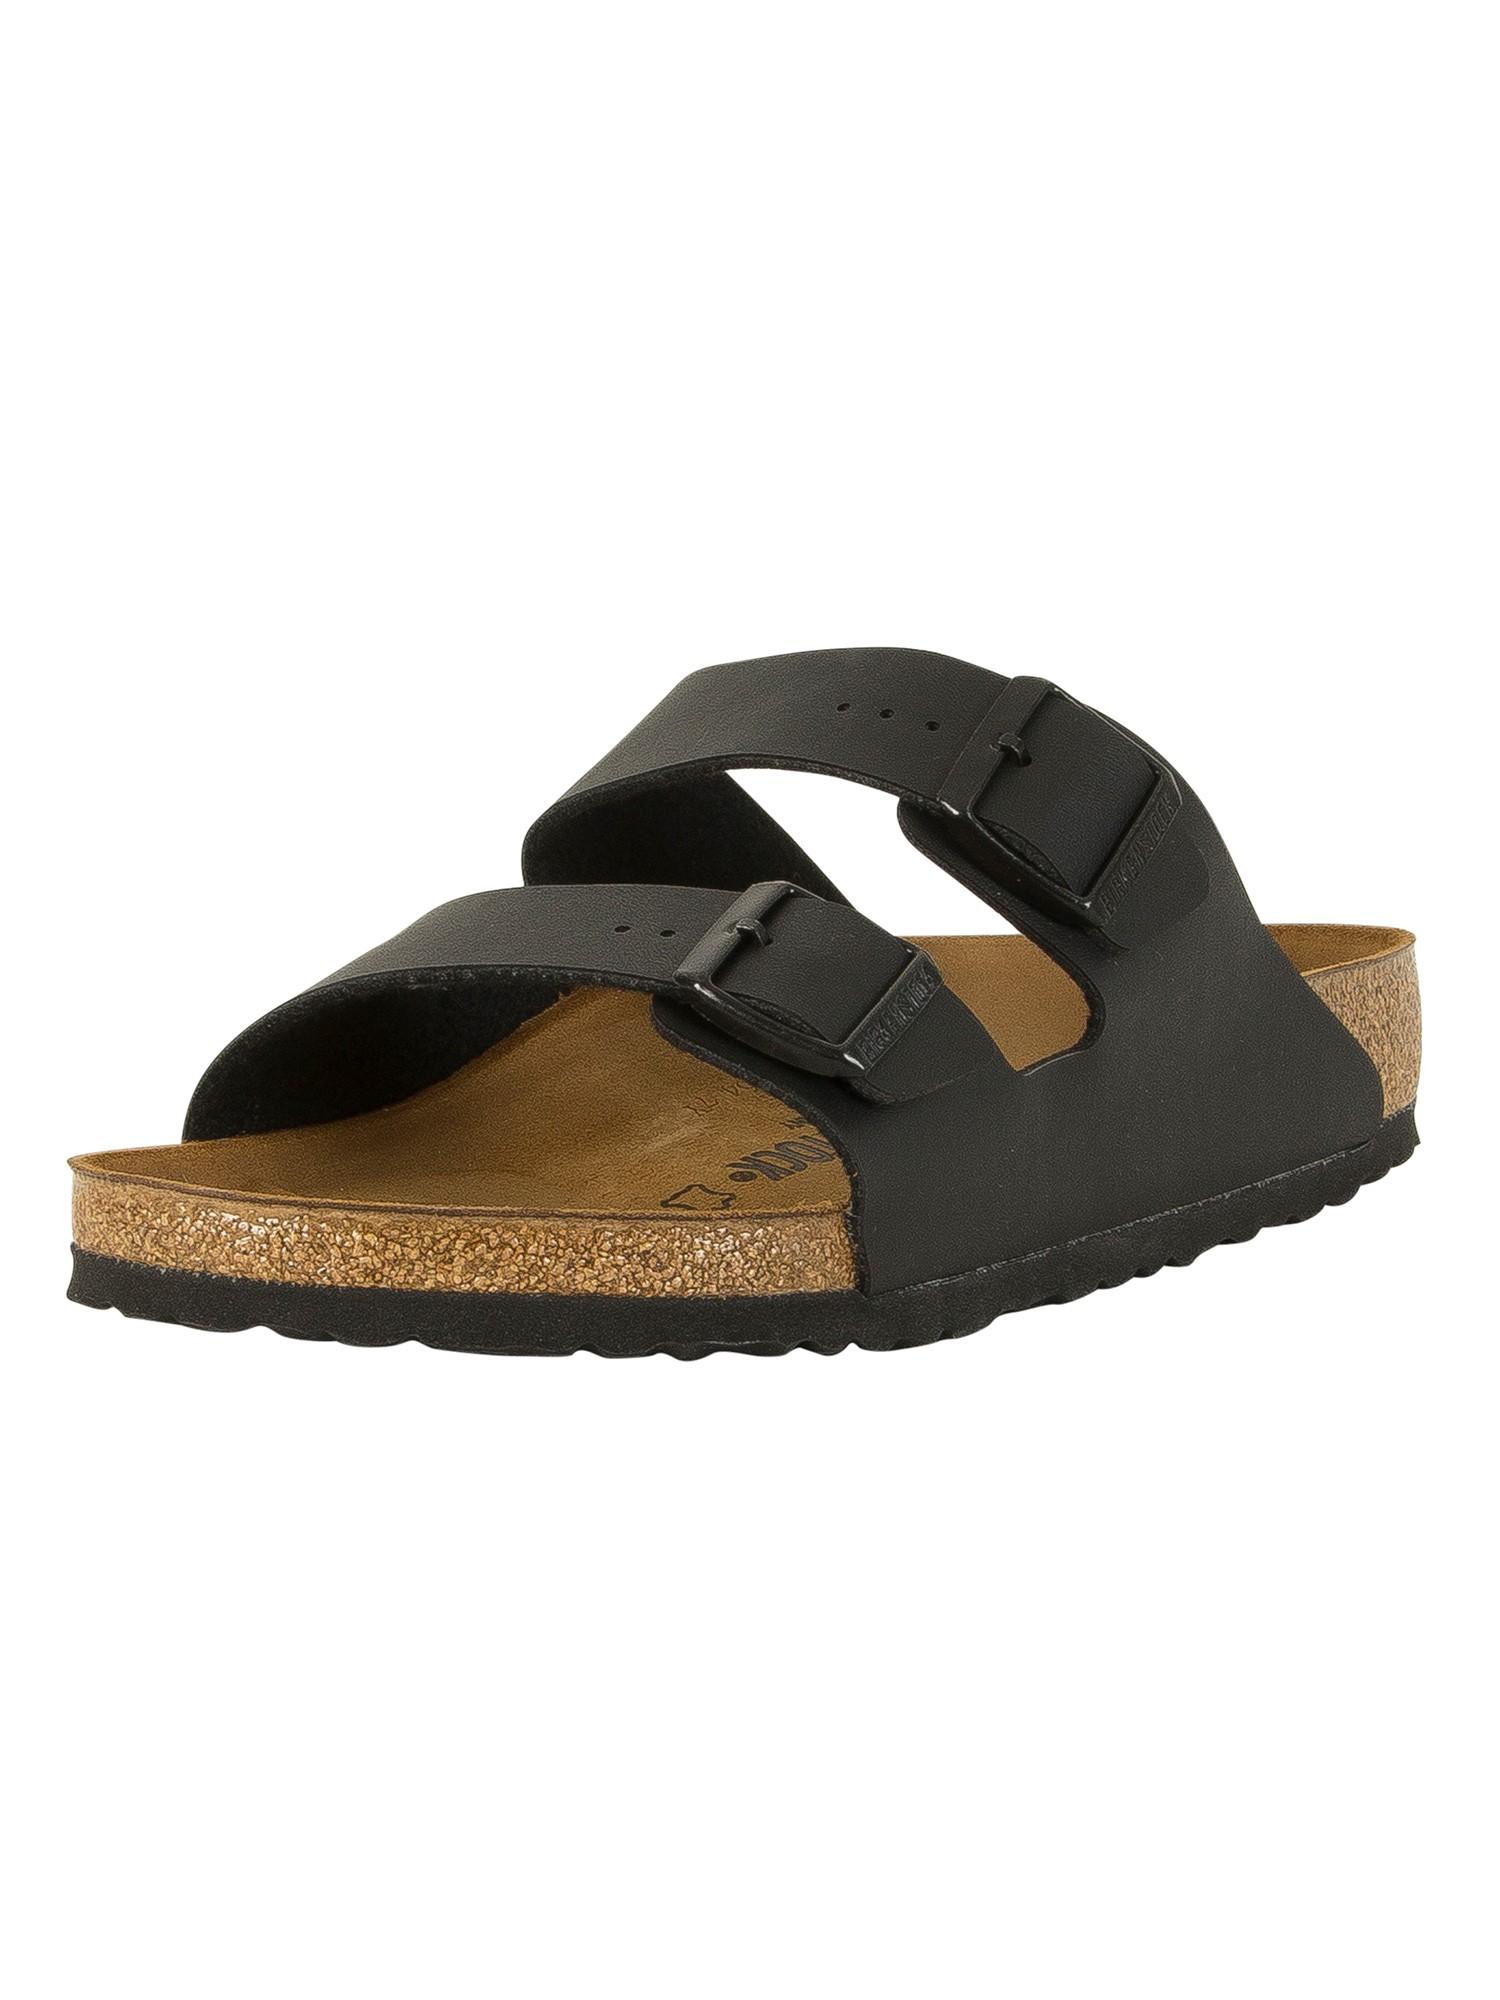 Arizona-BirkoFlor-Sandals